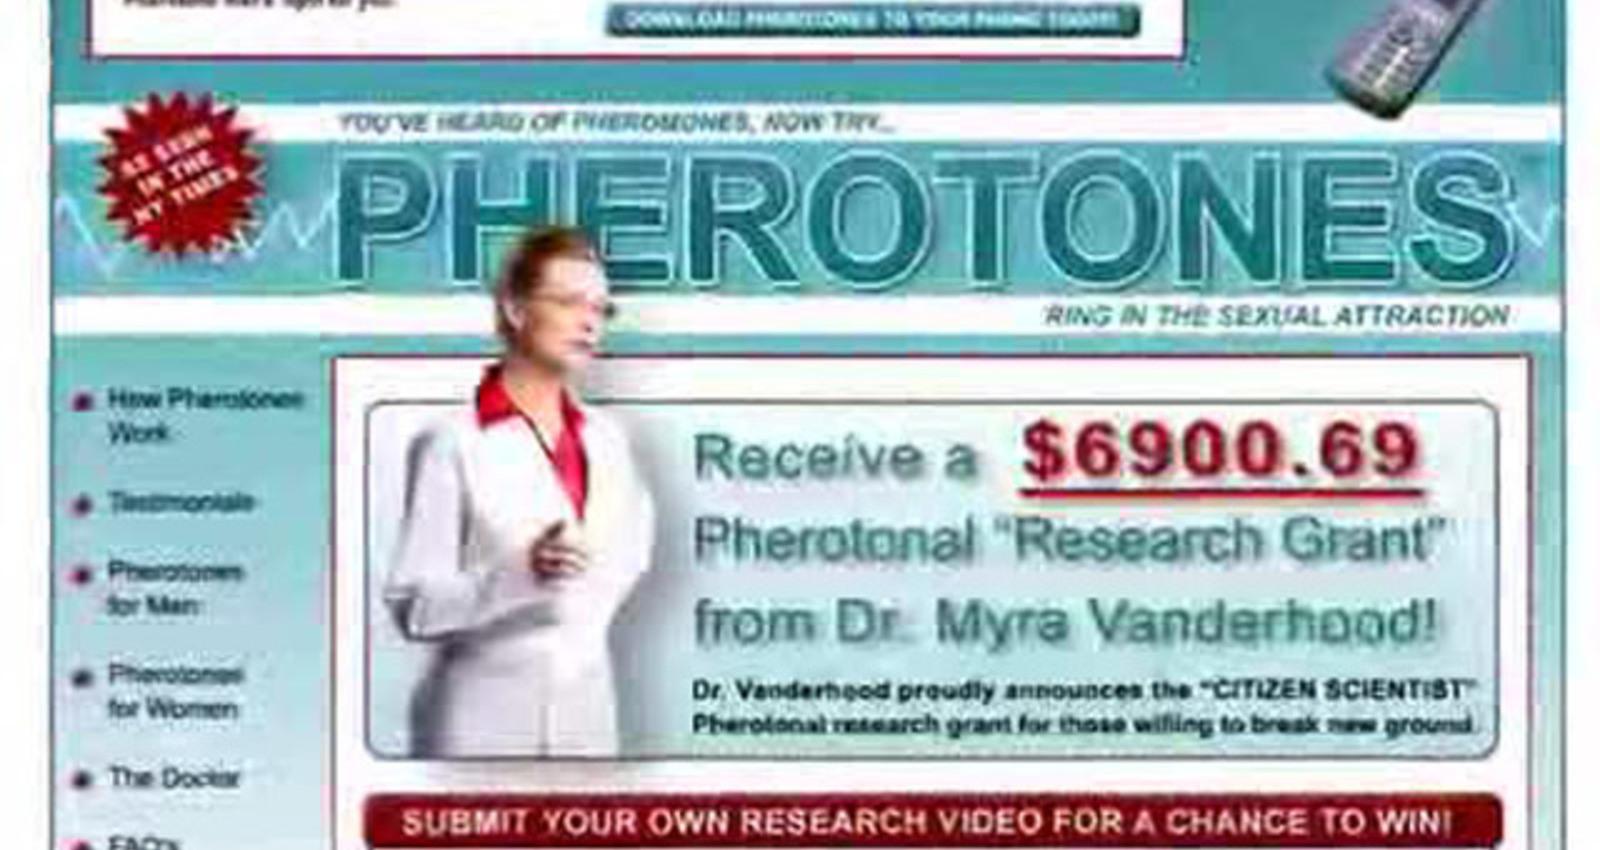 Pherotones